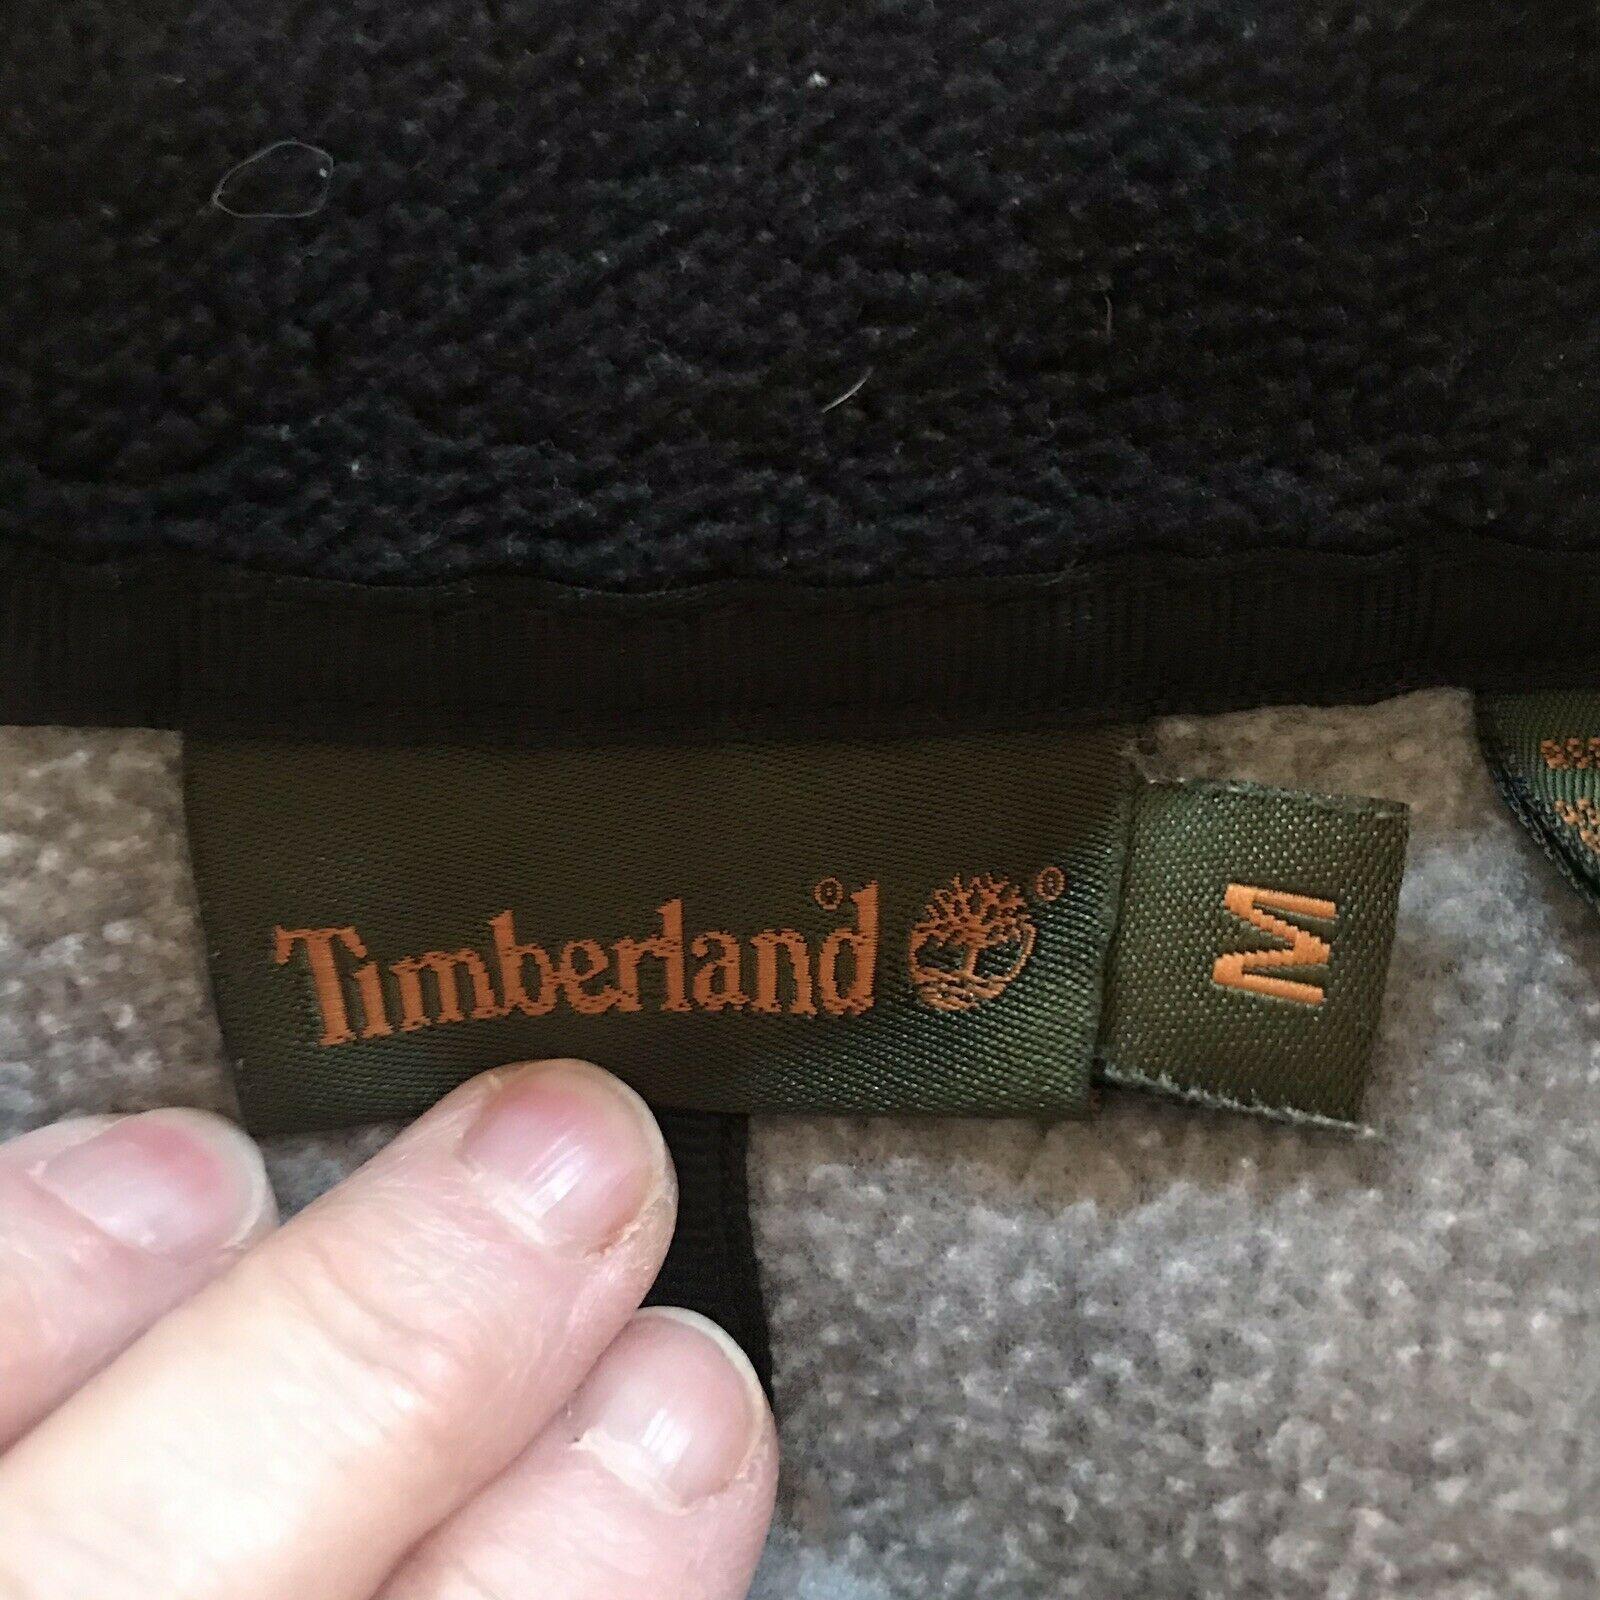 VTG Gray Timberland x Polartec Long Sleeve Fleece Full Zip Jacket Sz Medium